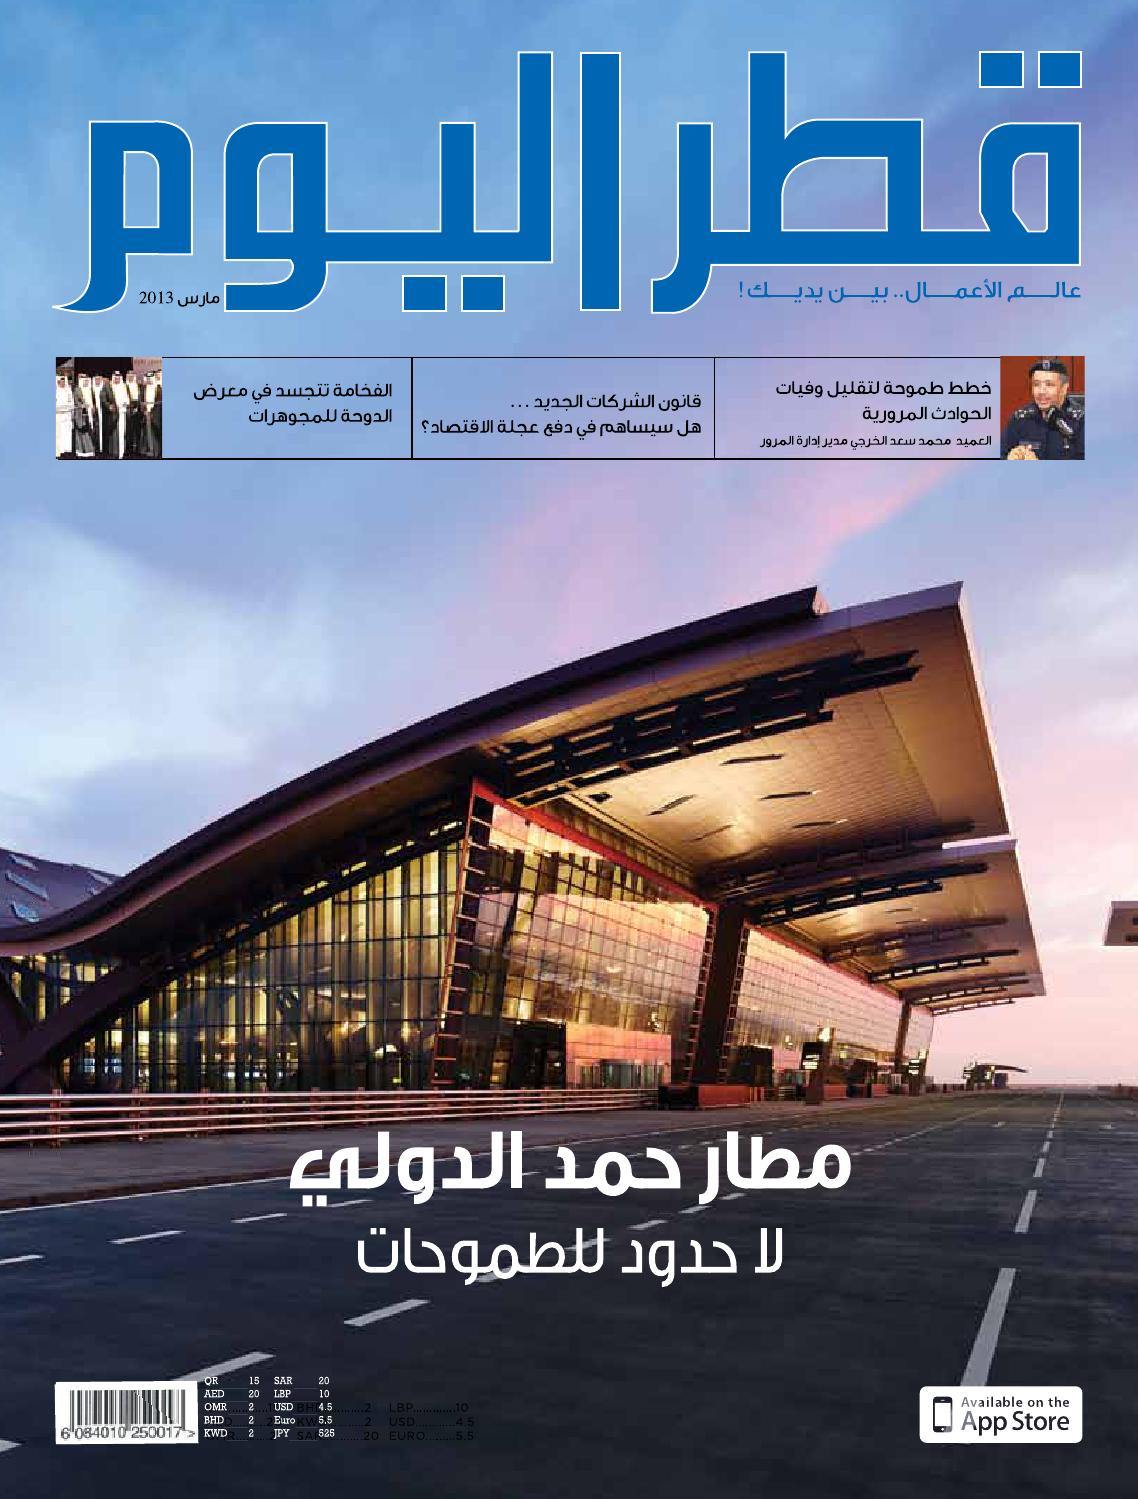 9328df33d Qatar Alyom March 2013 by Oryx Group of Magazines - issuu